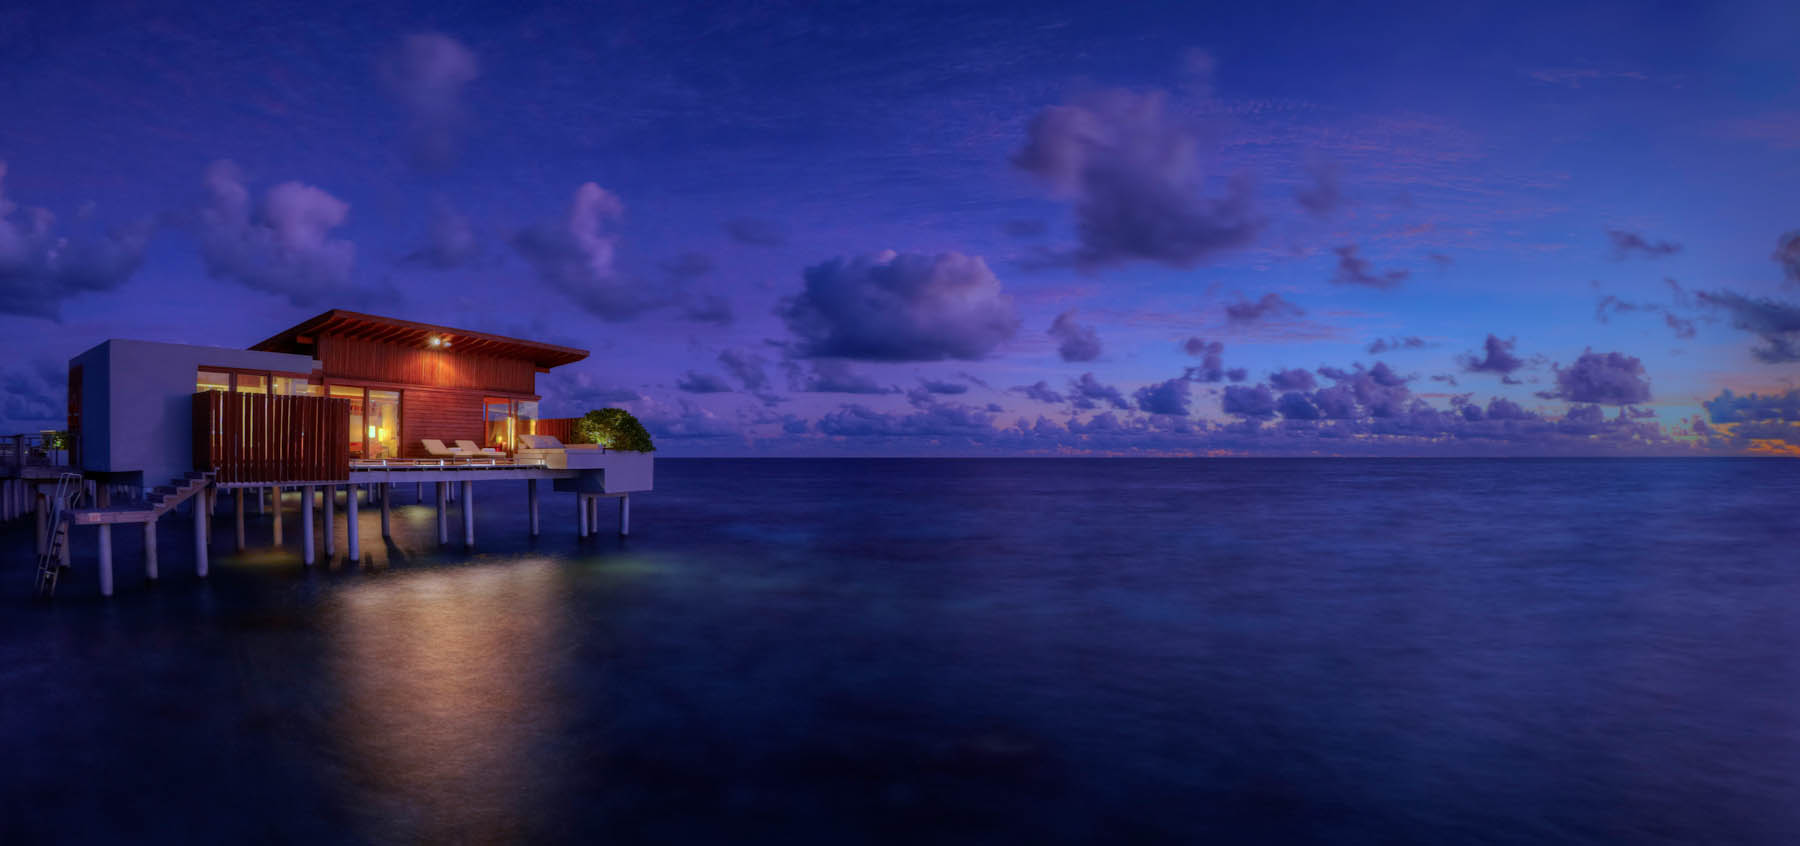 Отель посреди Индийского океана (Courtesy of Park Hyatt Maldives)